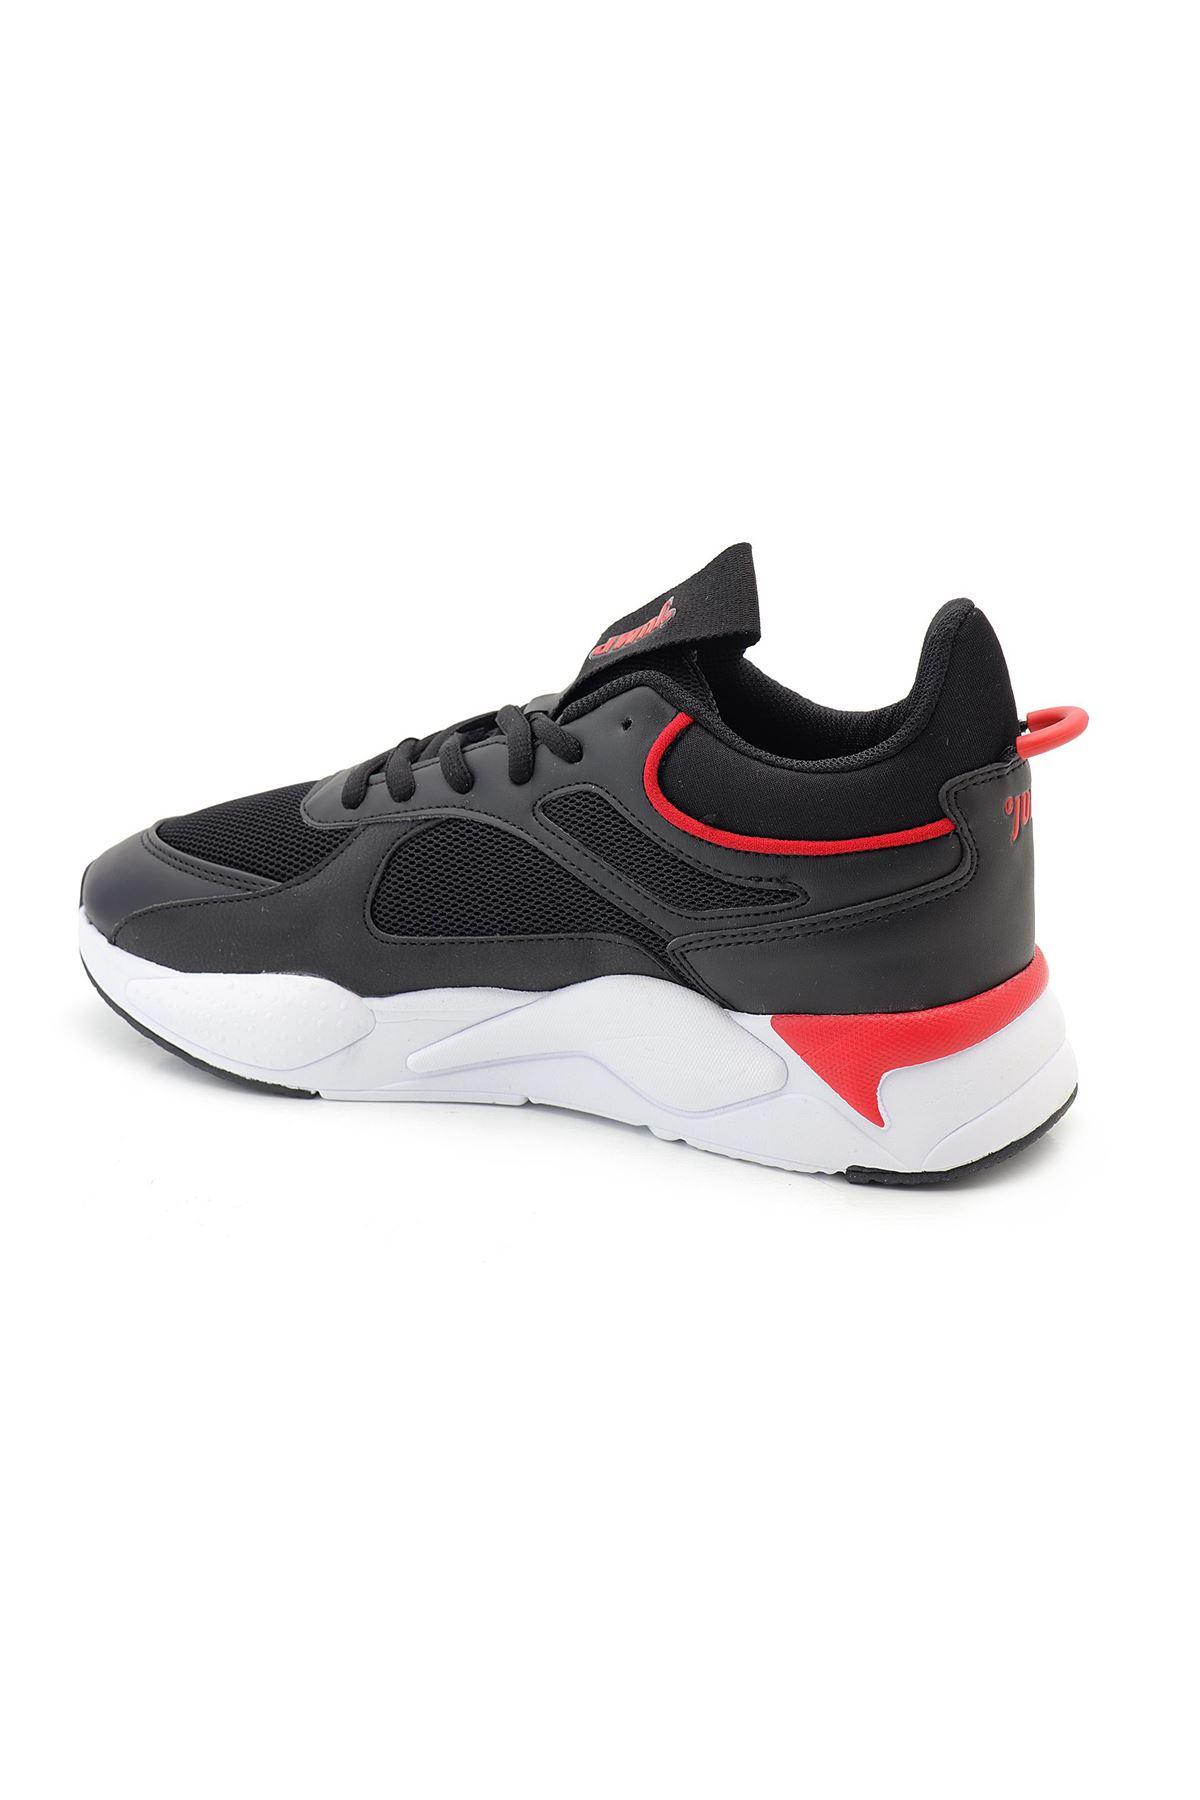 Jump 315221 Erkek Günlük Kalın Tabanlı Spor Ayakkabı